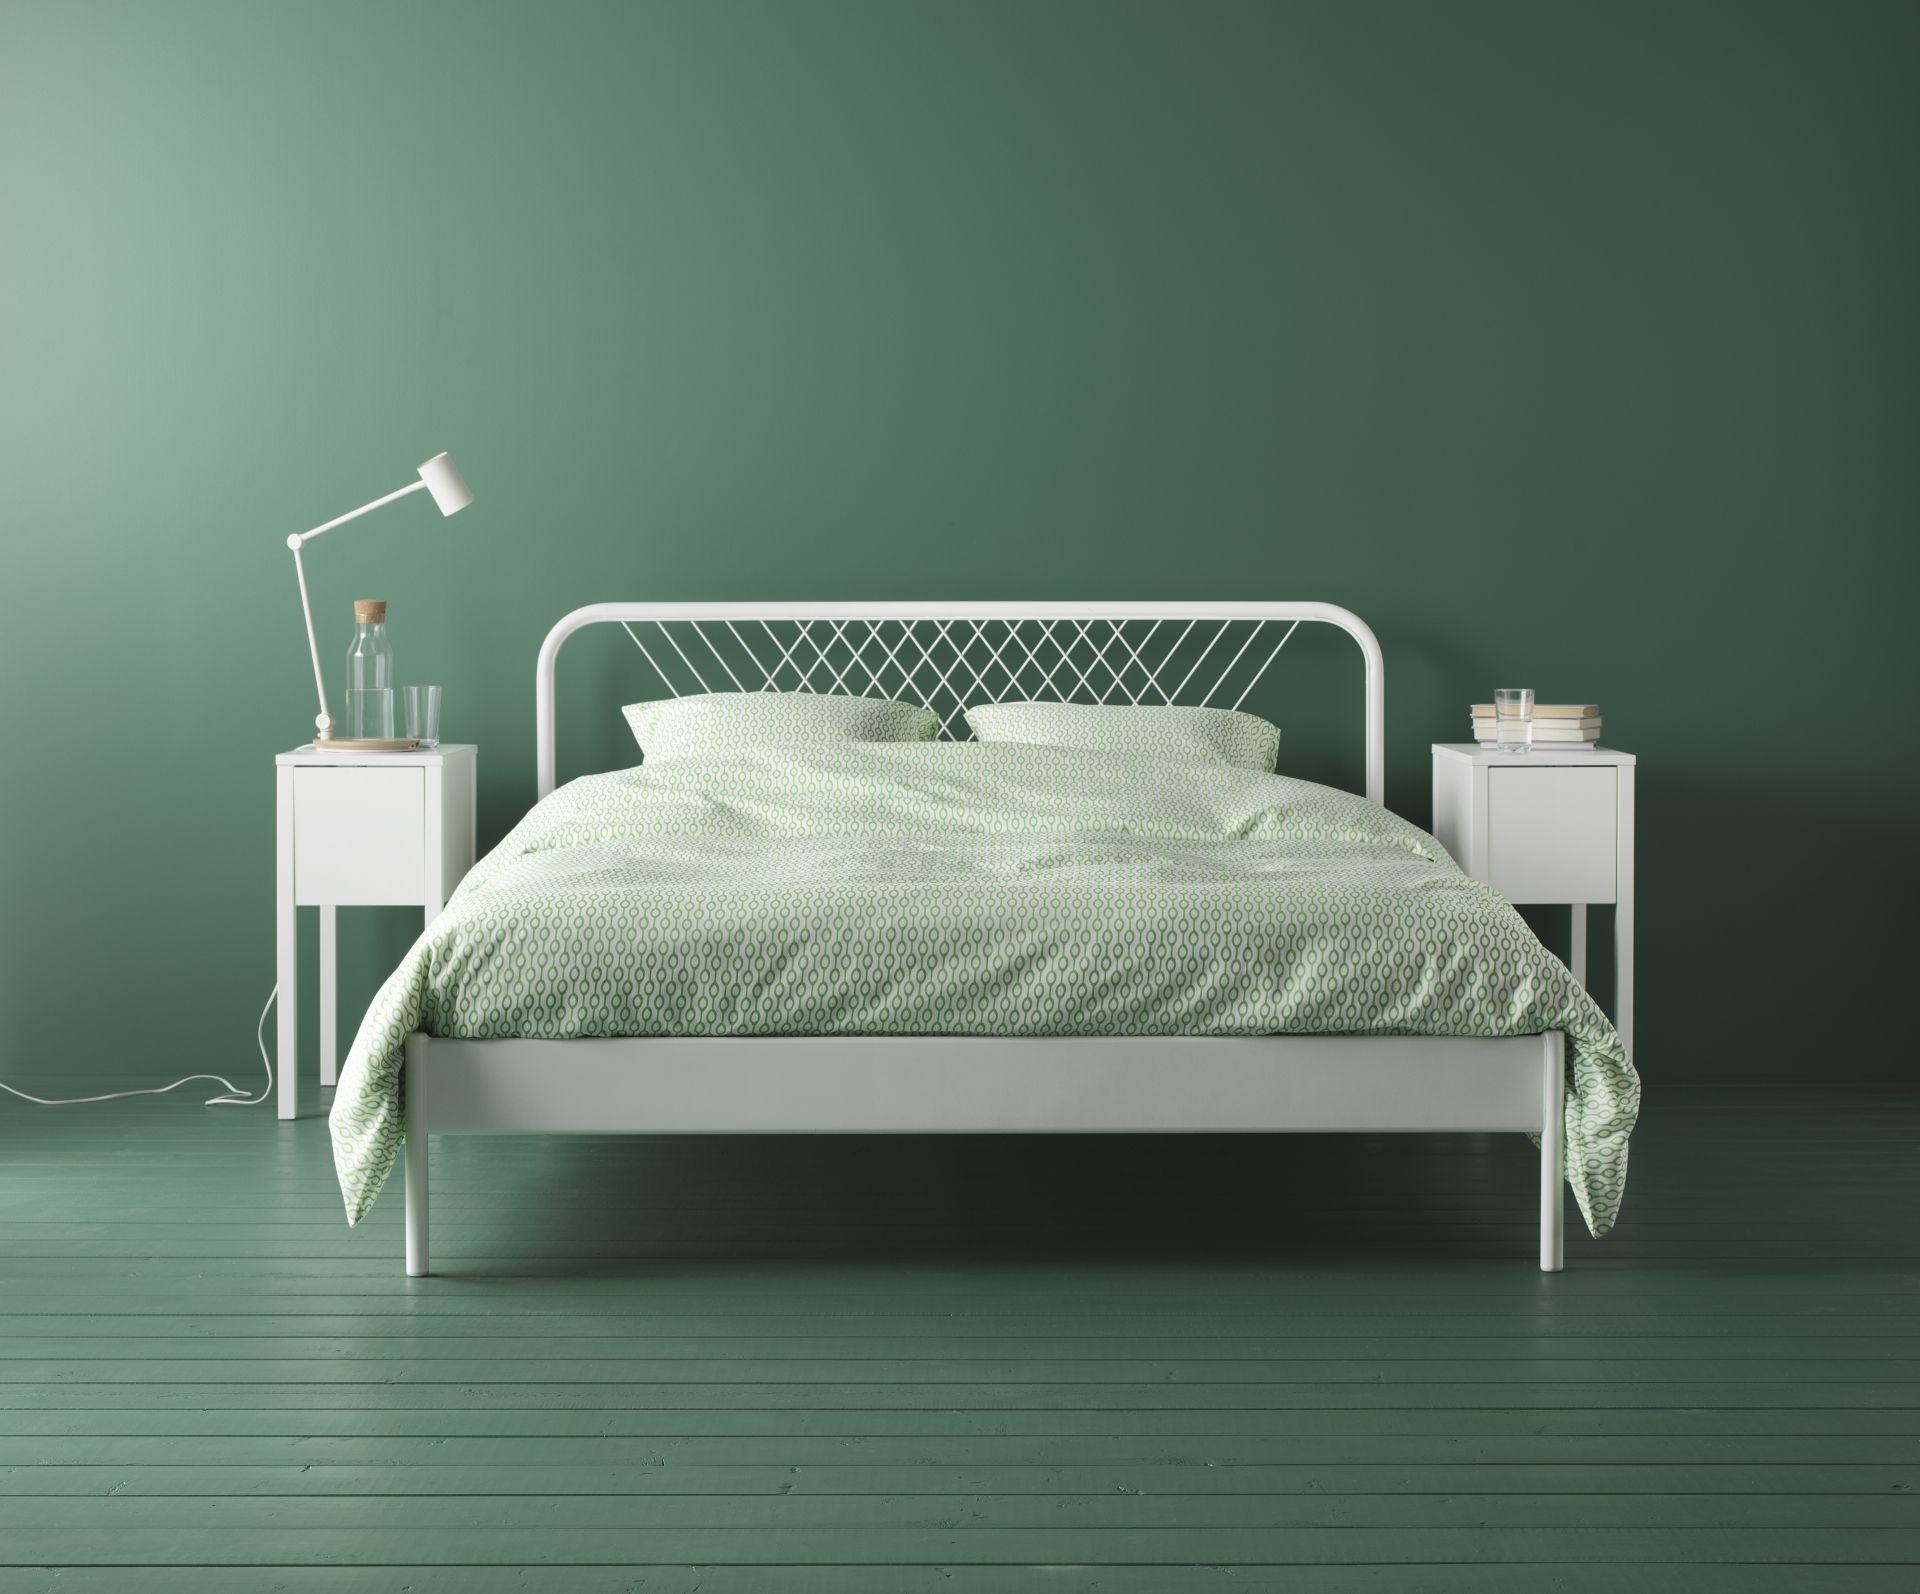 Slaapkamer Groen Wit : Nesttun bedframe wit luröy slaapkamers muebles